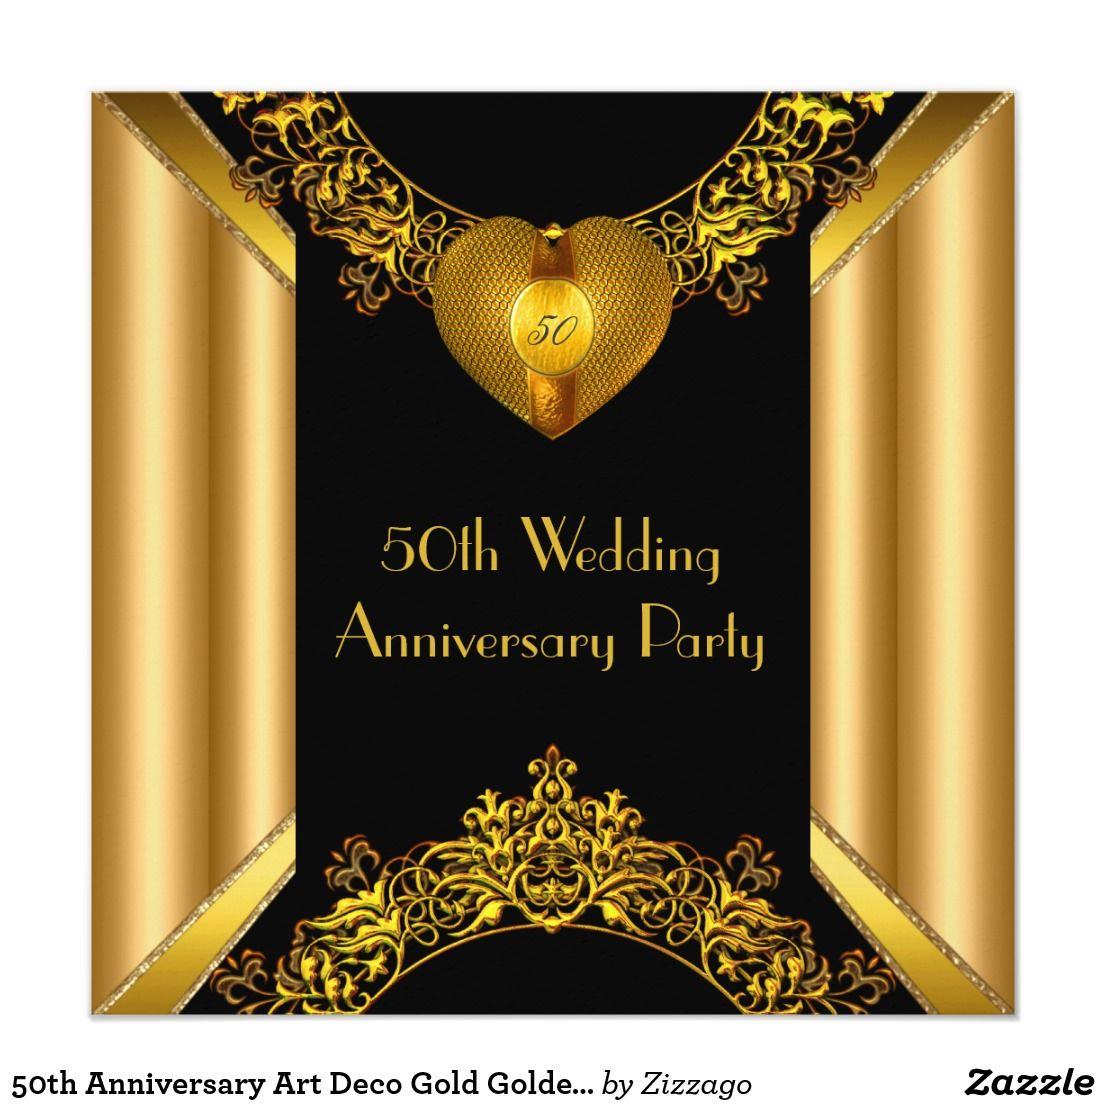 50th Anniversary Art Deco Gold Golden Heart 2